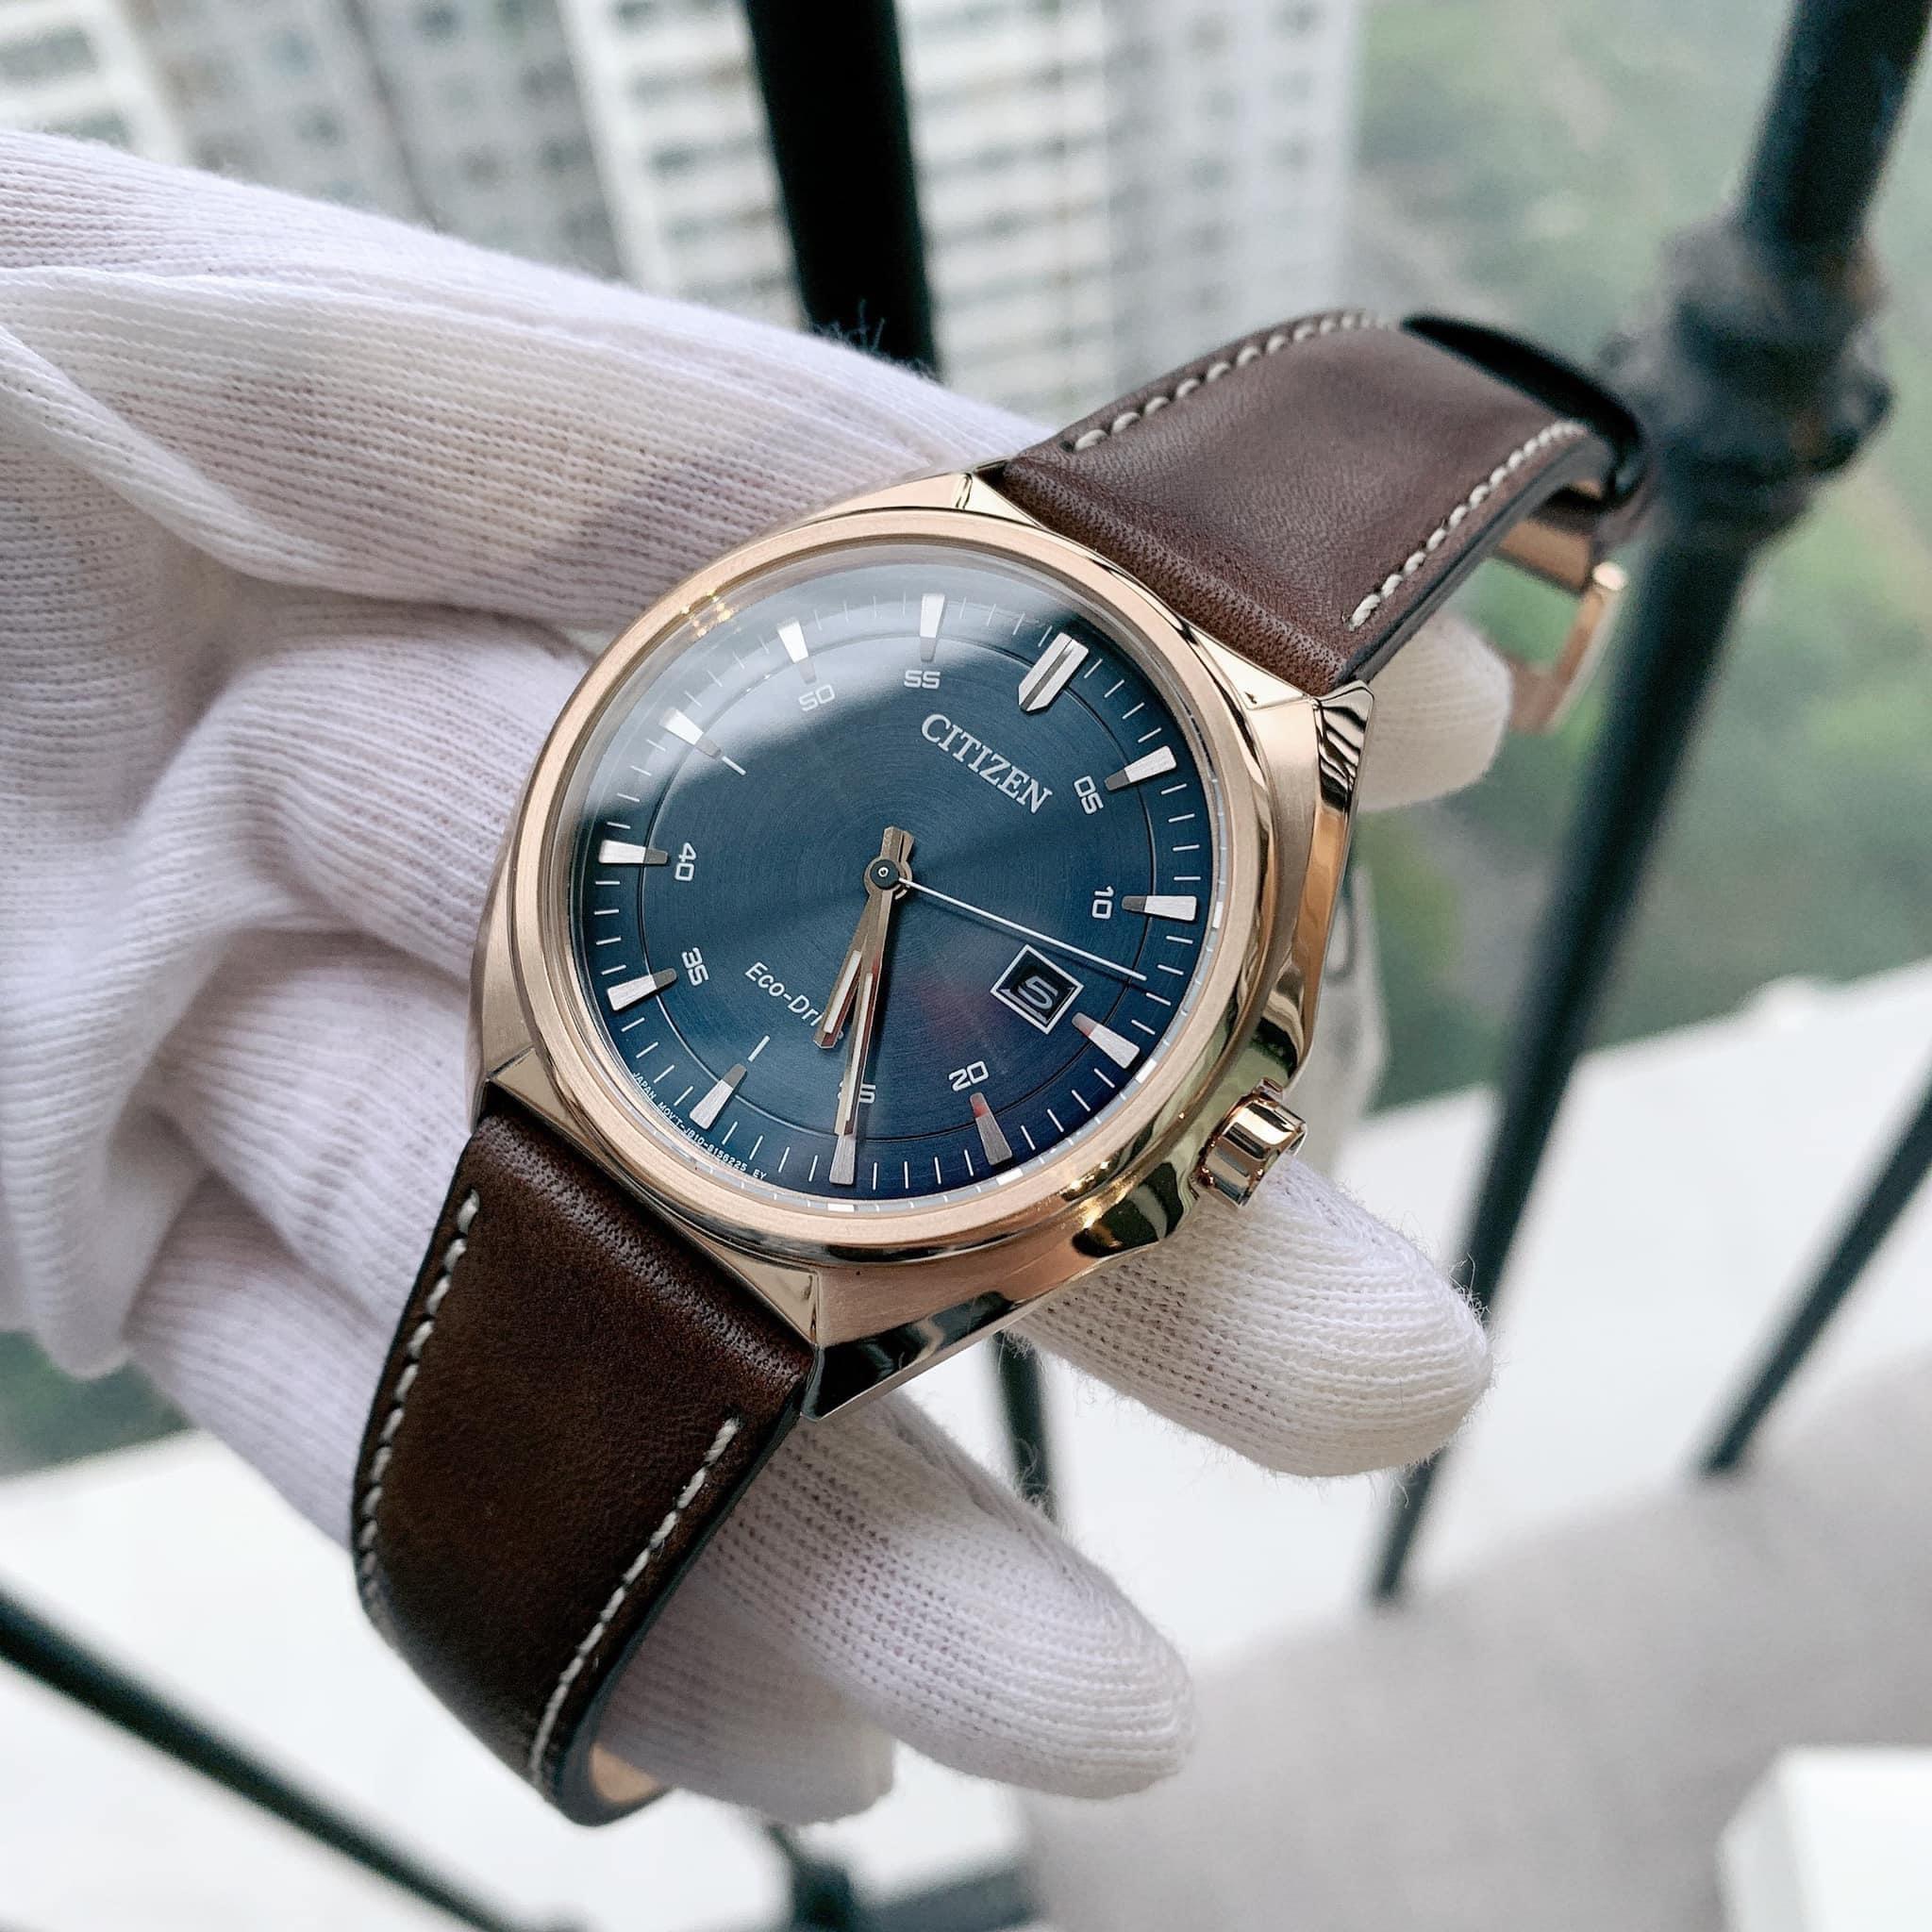 Đồng hồ chính hãng C.iti.zen Eco-drive AW1573-03l